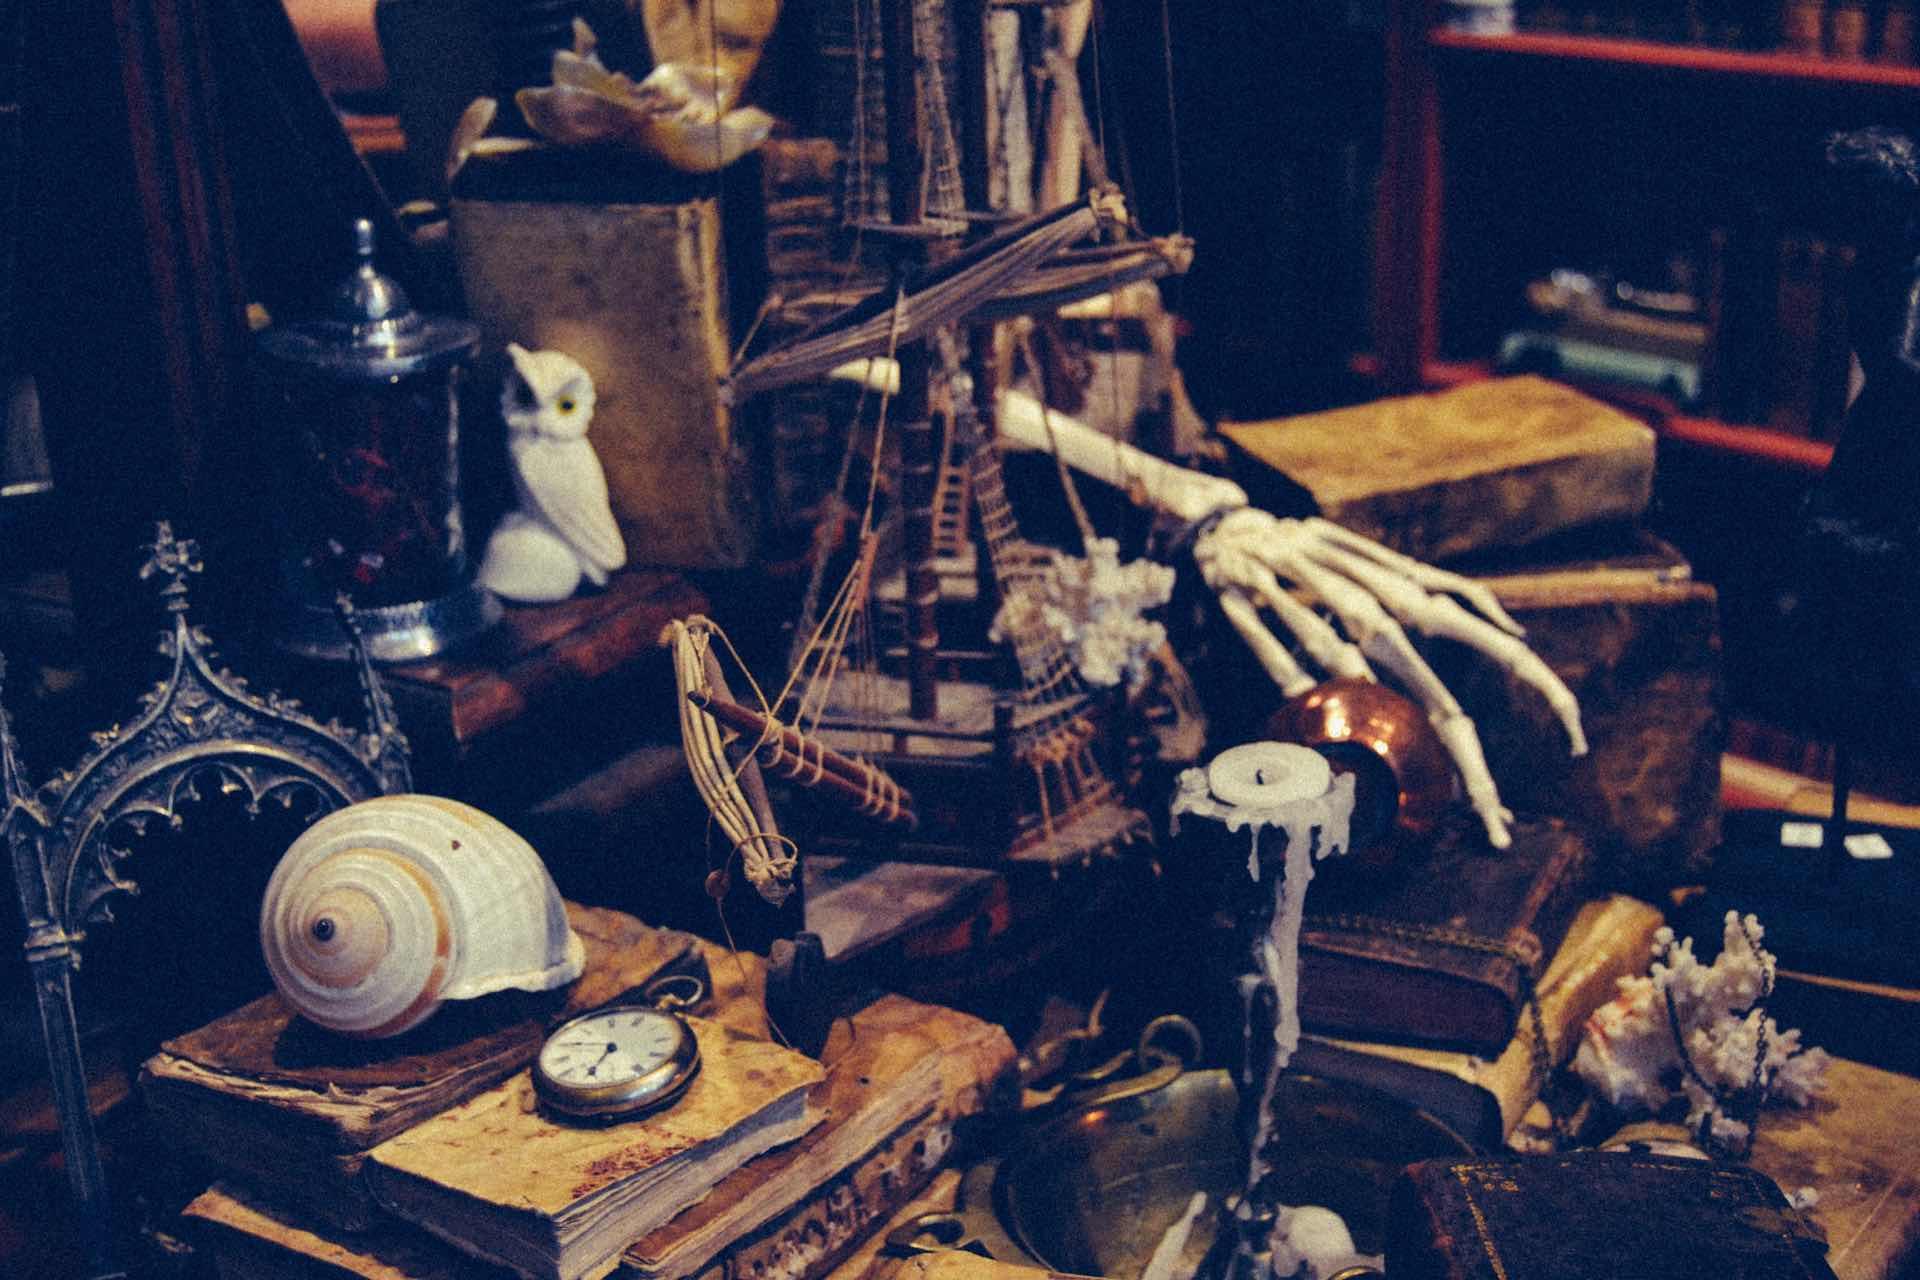 ペルガミーノを飾った海賊船ディスプレイ